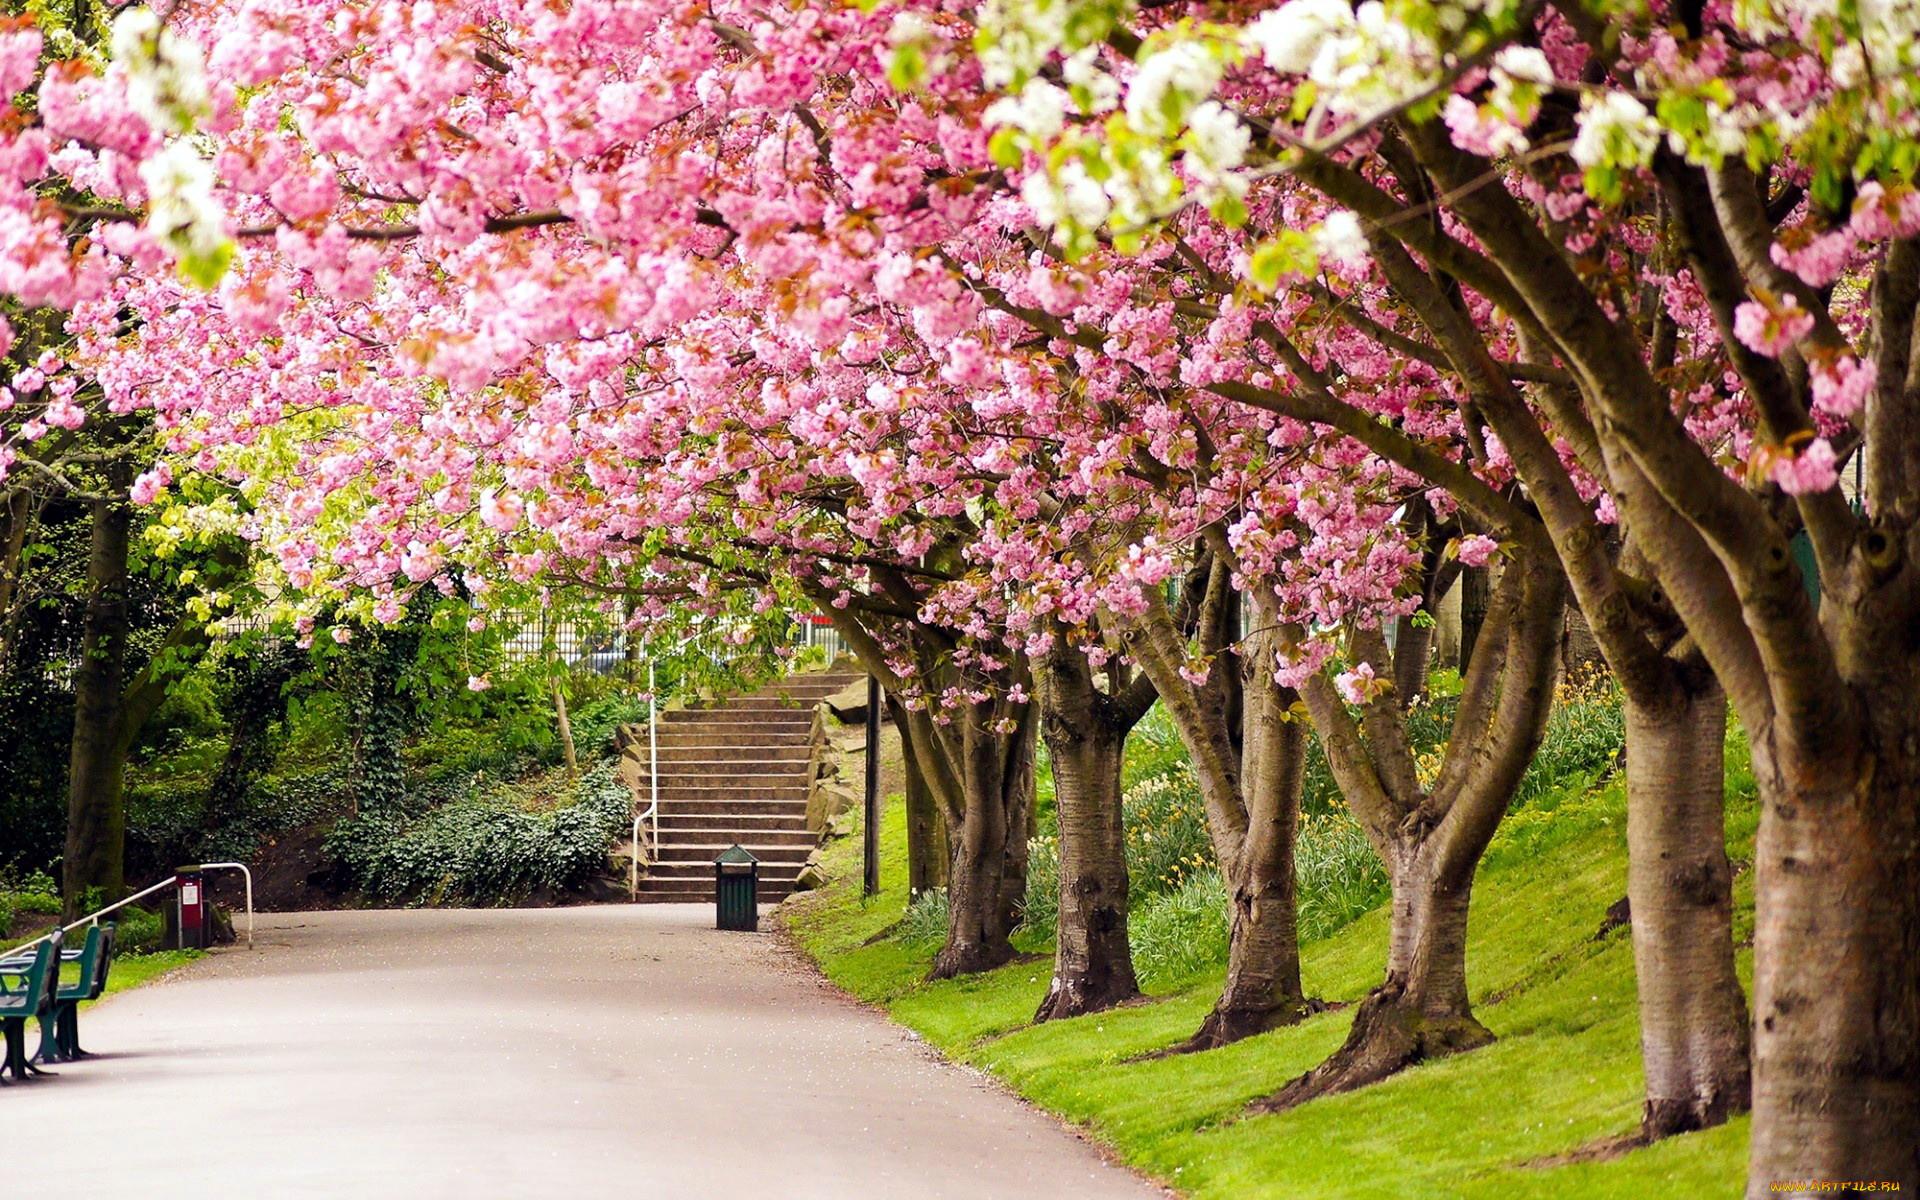 можно бесплатно весна картинки интересные когда про